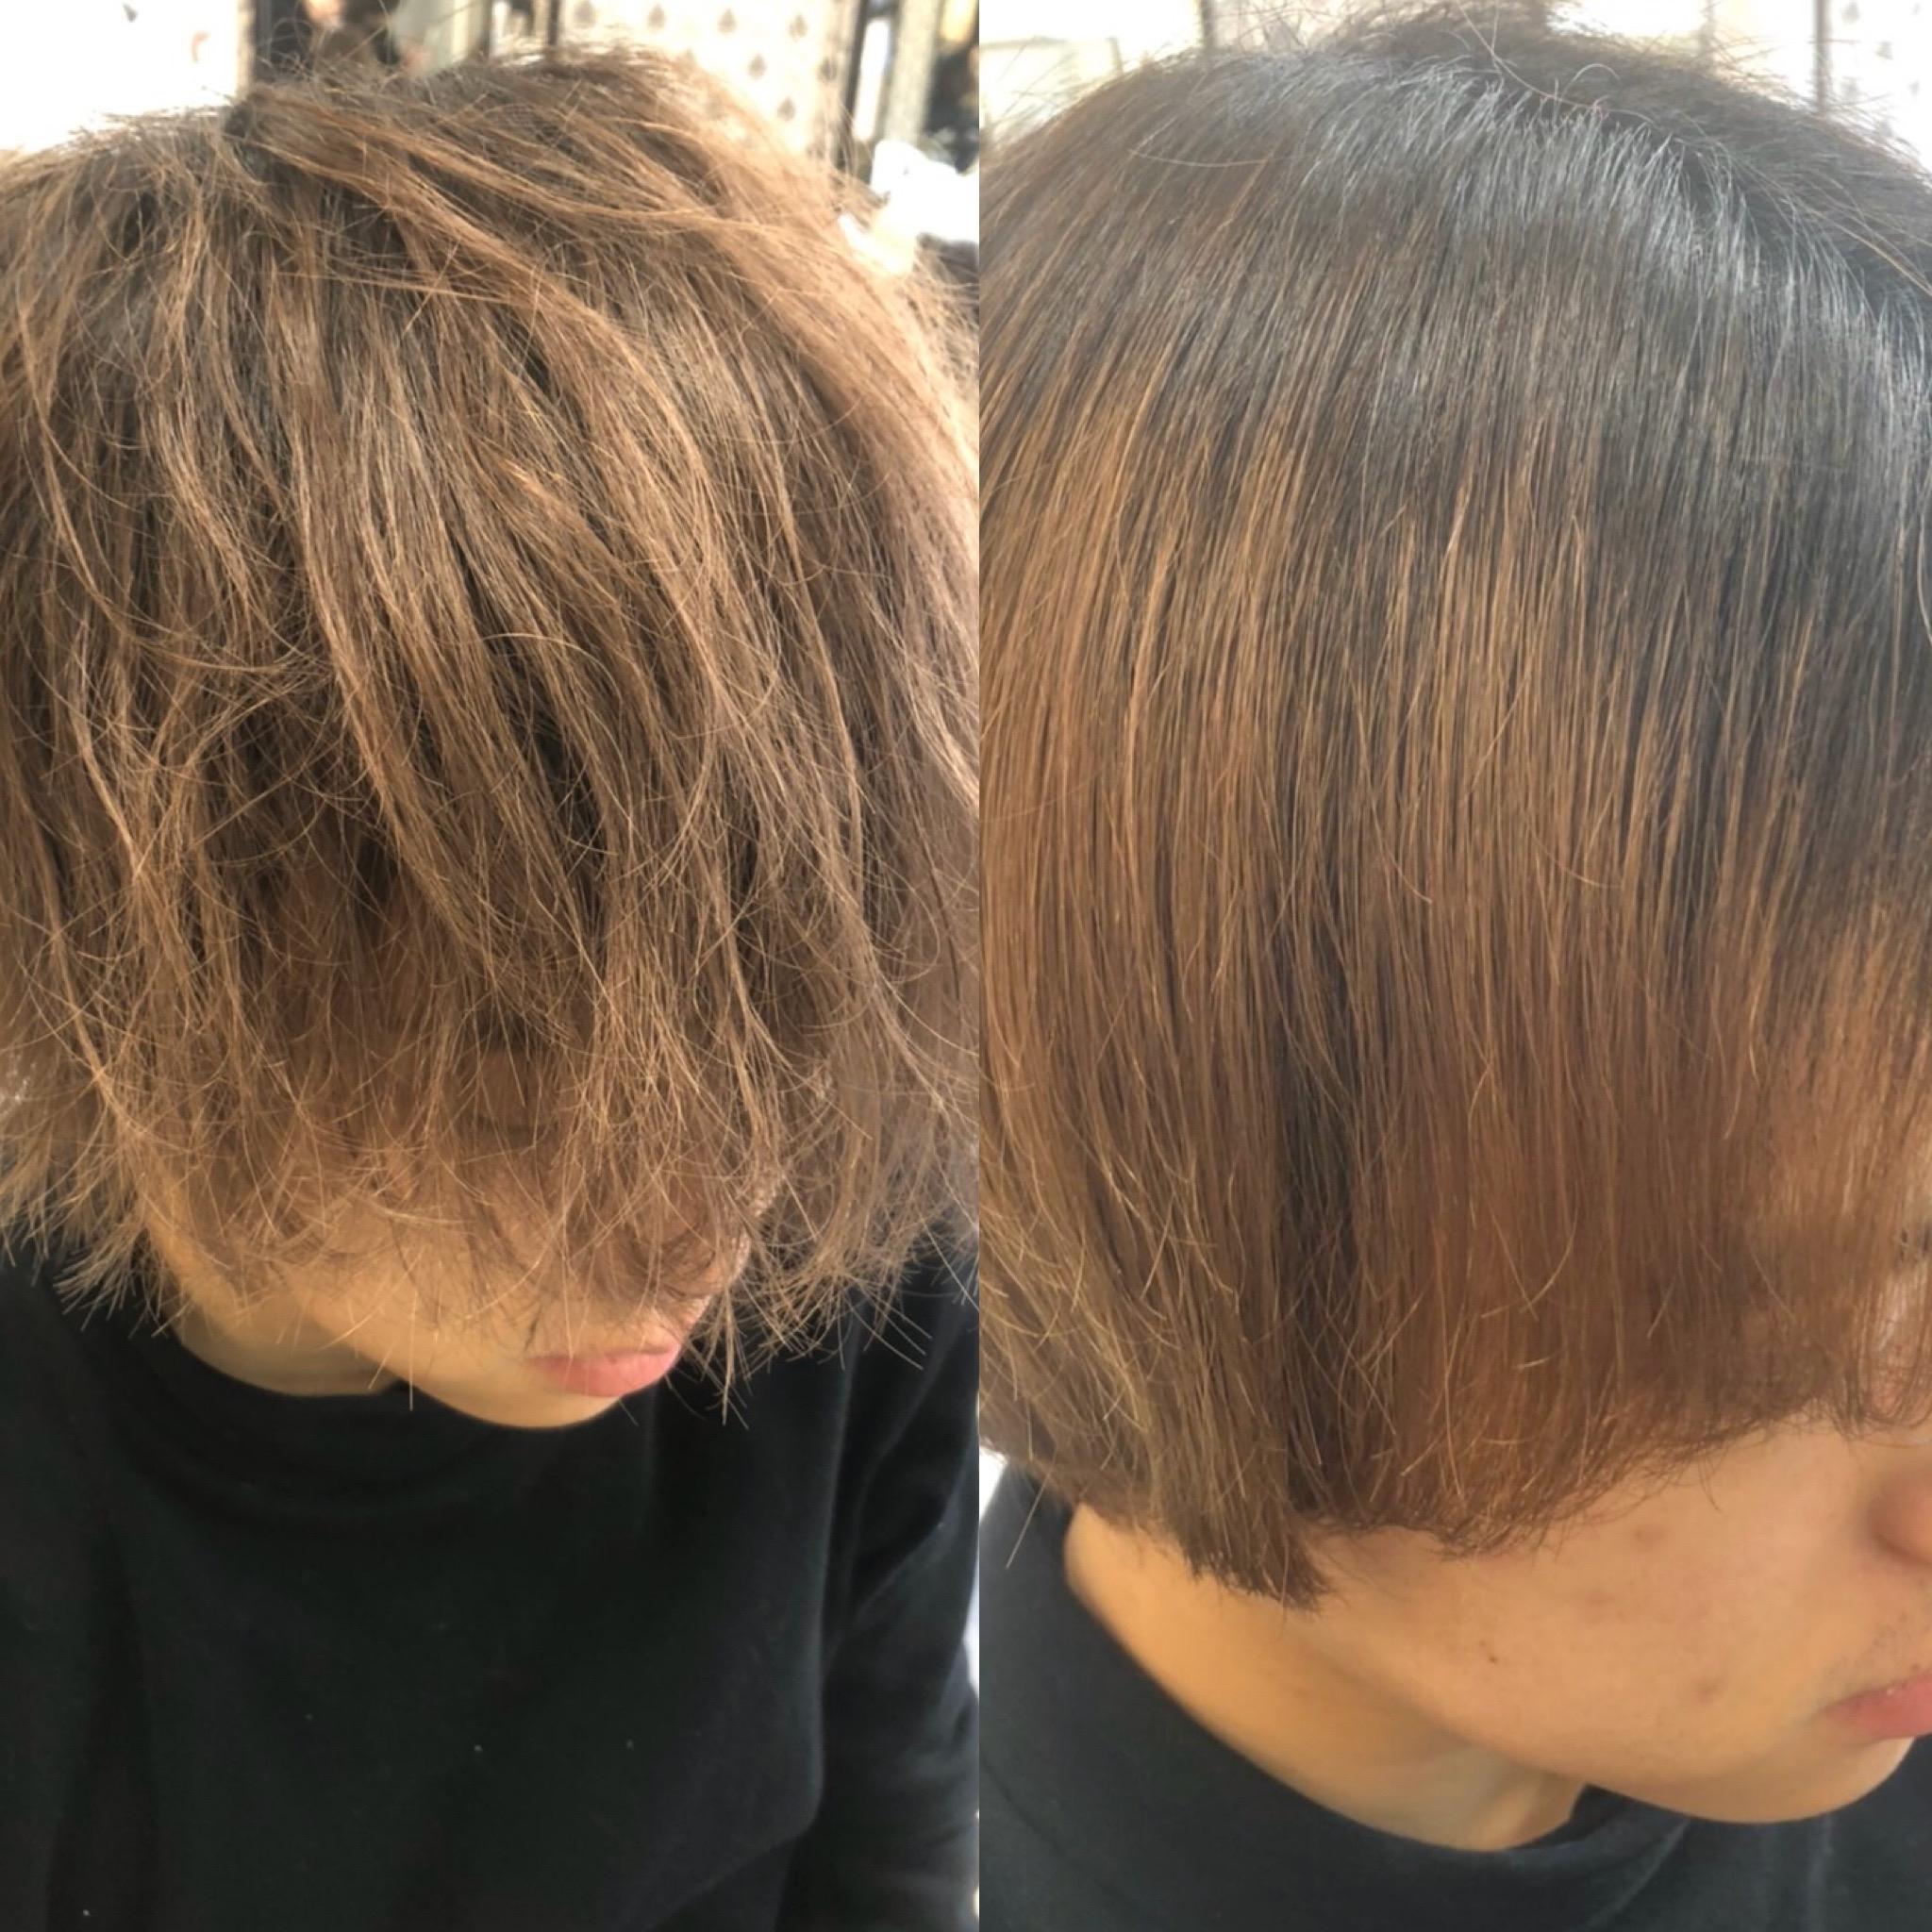 ビフォーアフター 見比べ ヘア 美容師 酸熱トリートメント 髪質改善トリートメント